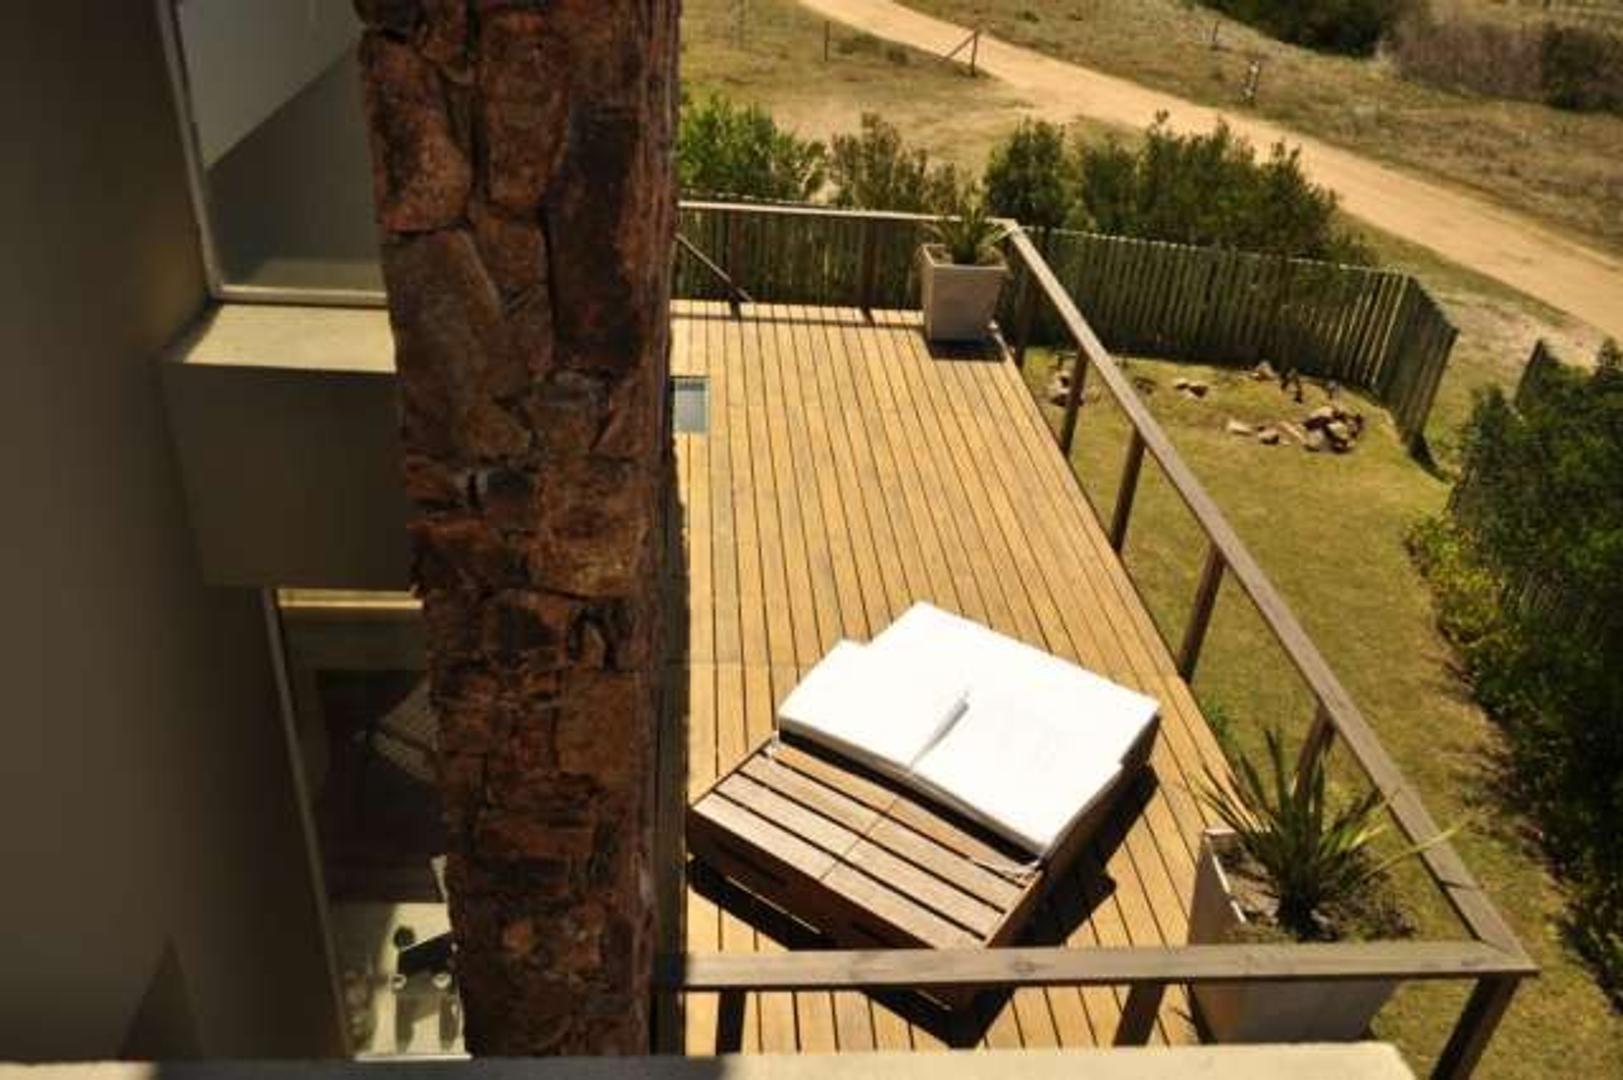 (LIJ-LIJ-183) Casa - Alquiler temporario - Uruguay, Maldonado - Foto 22